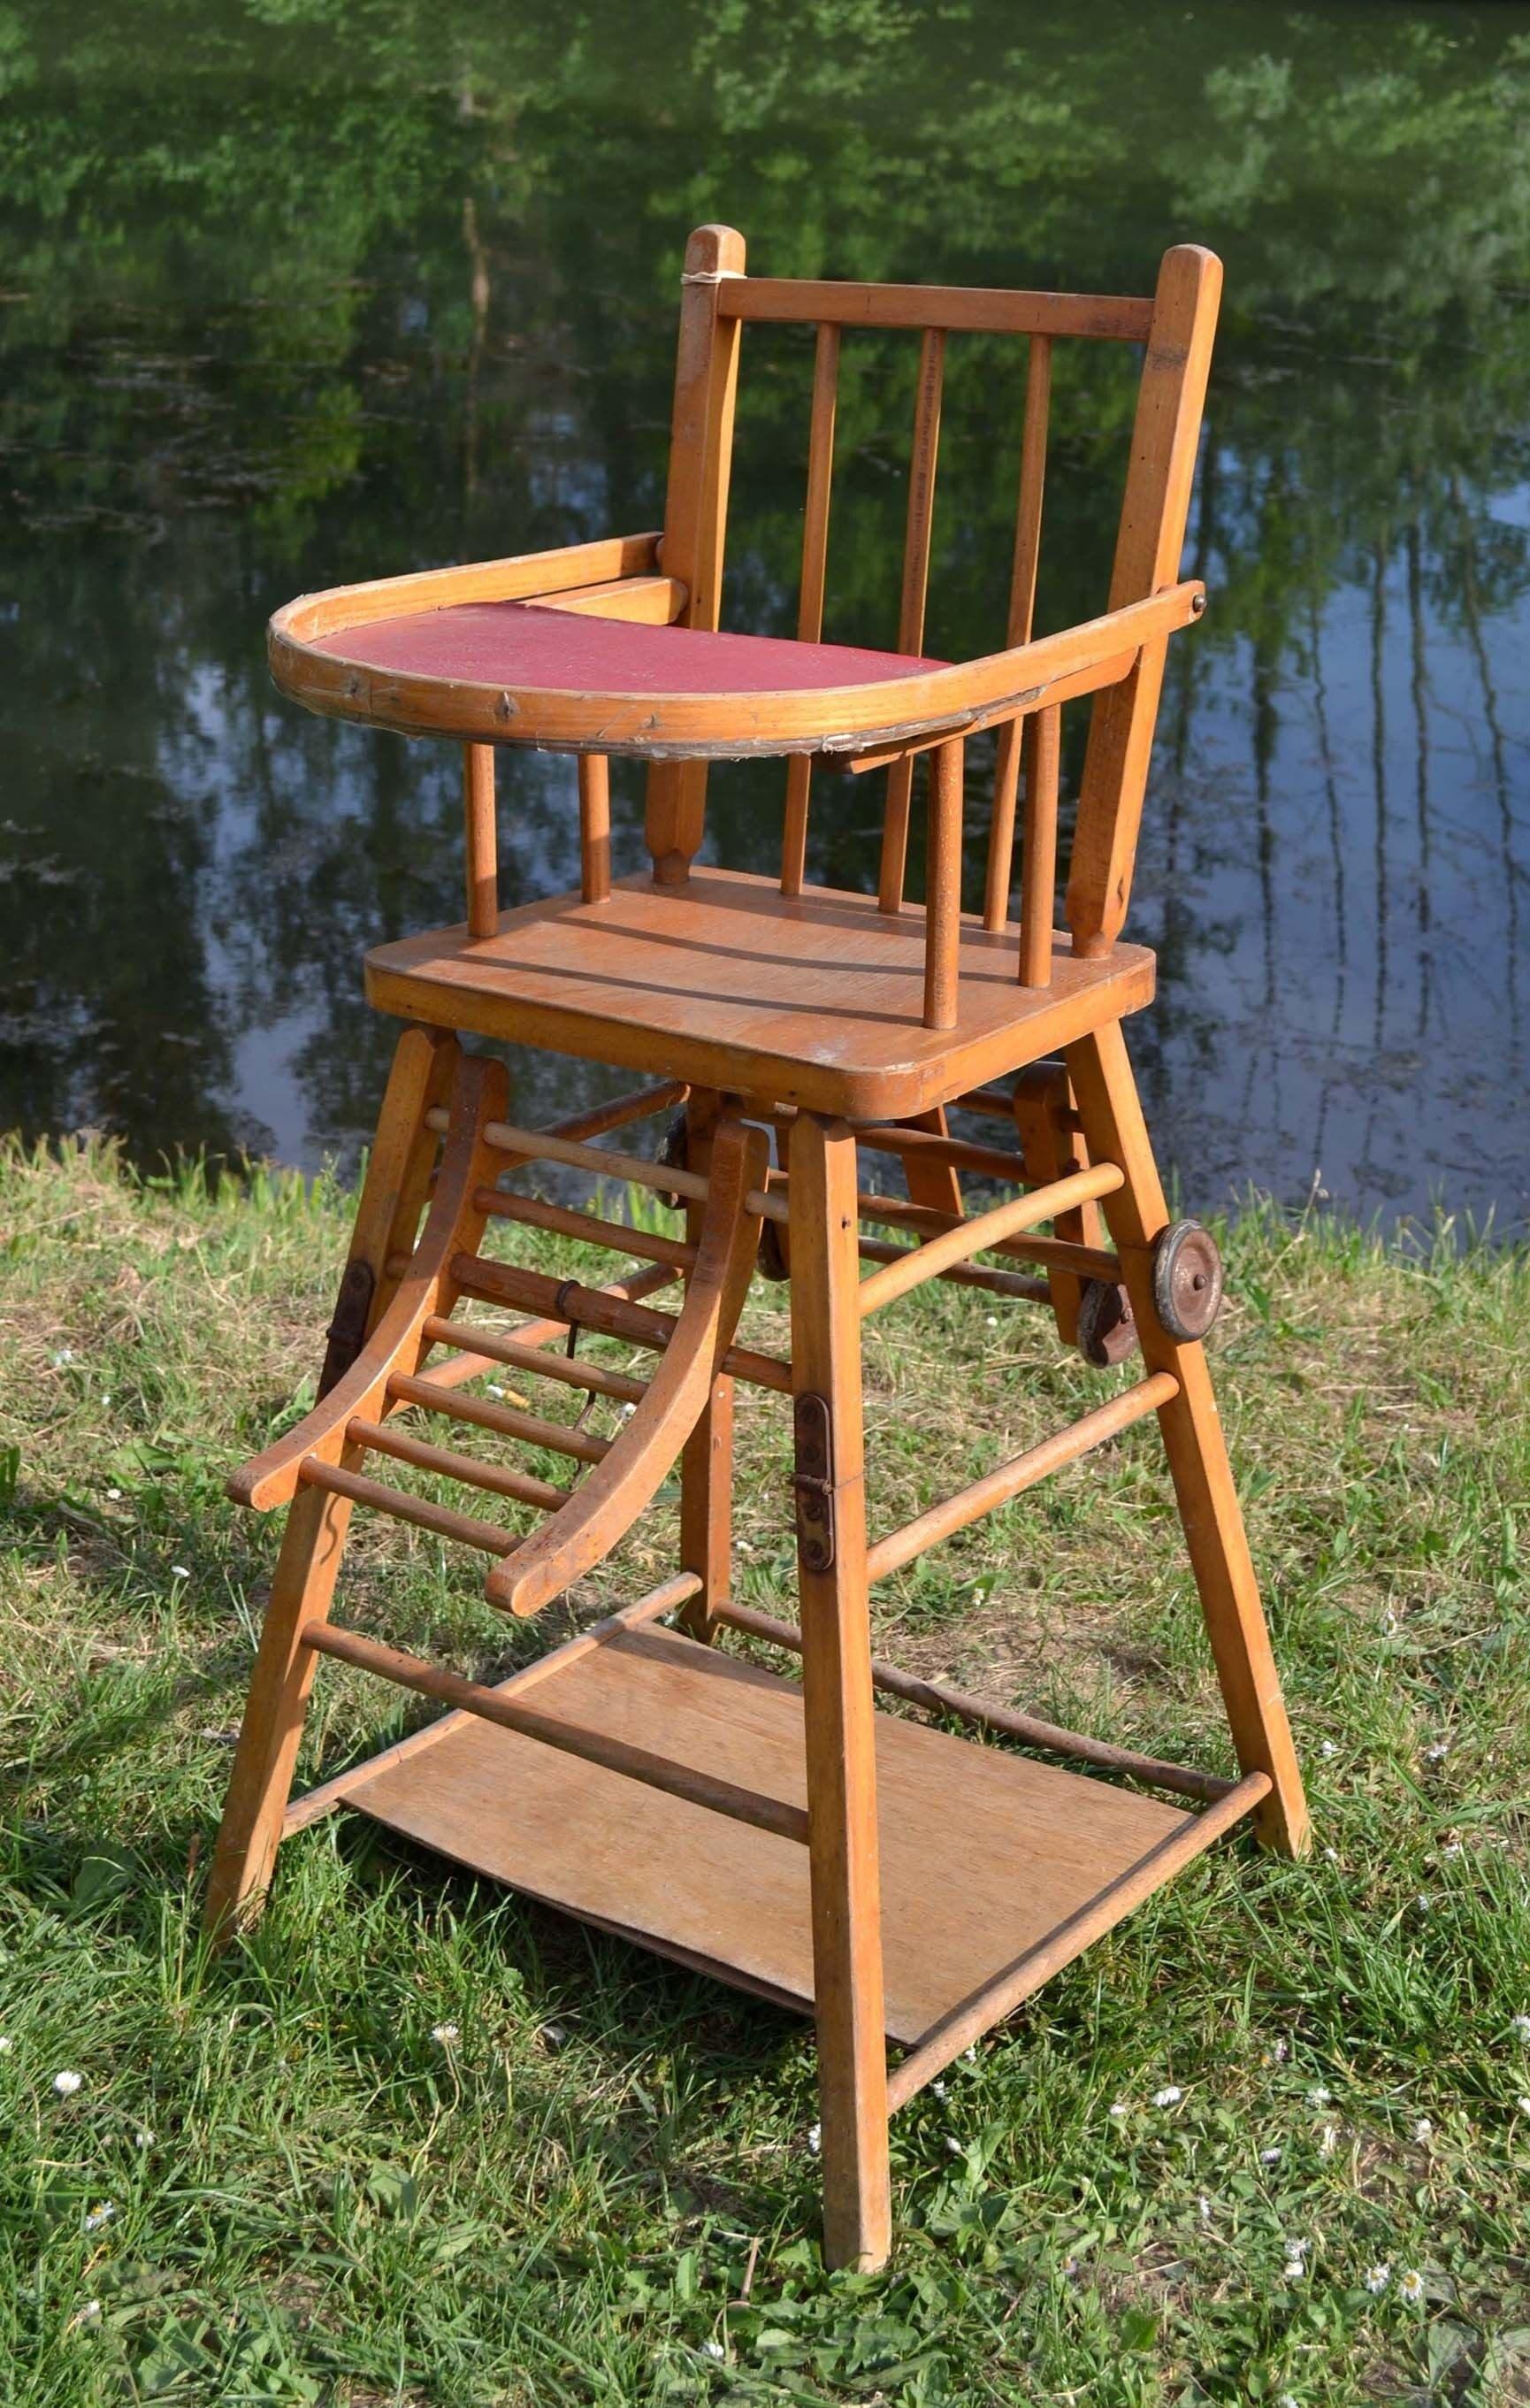 Petit Lit Bébé Luxe Baignoire Bébé Pliable Elegant Lit Bébé Pliant Frais Chaise Haute